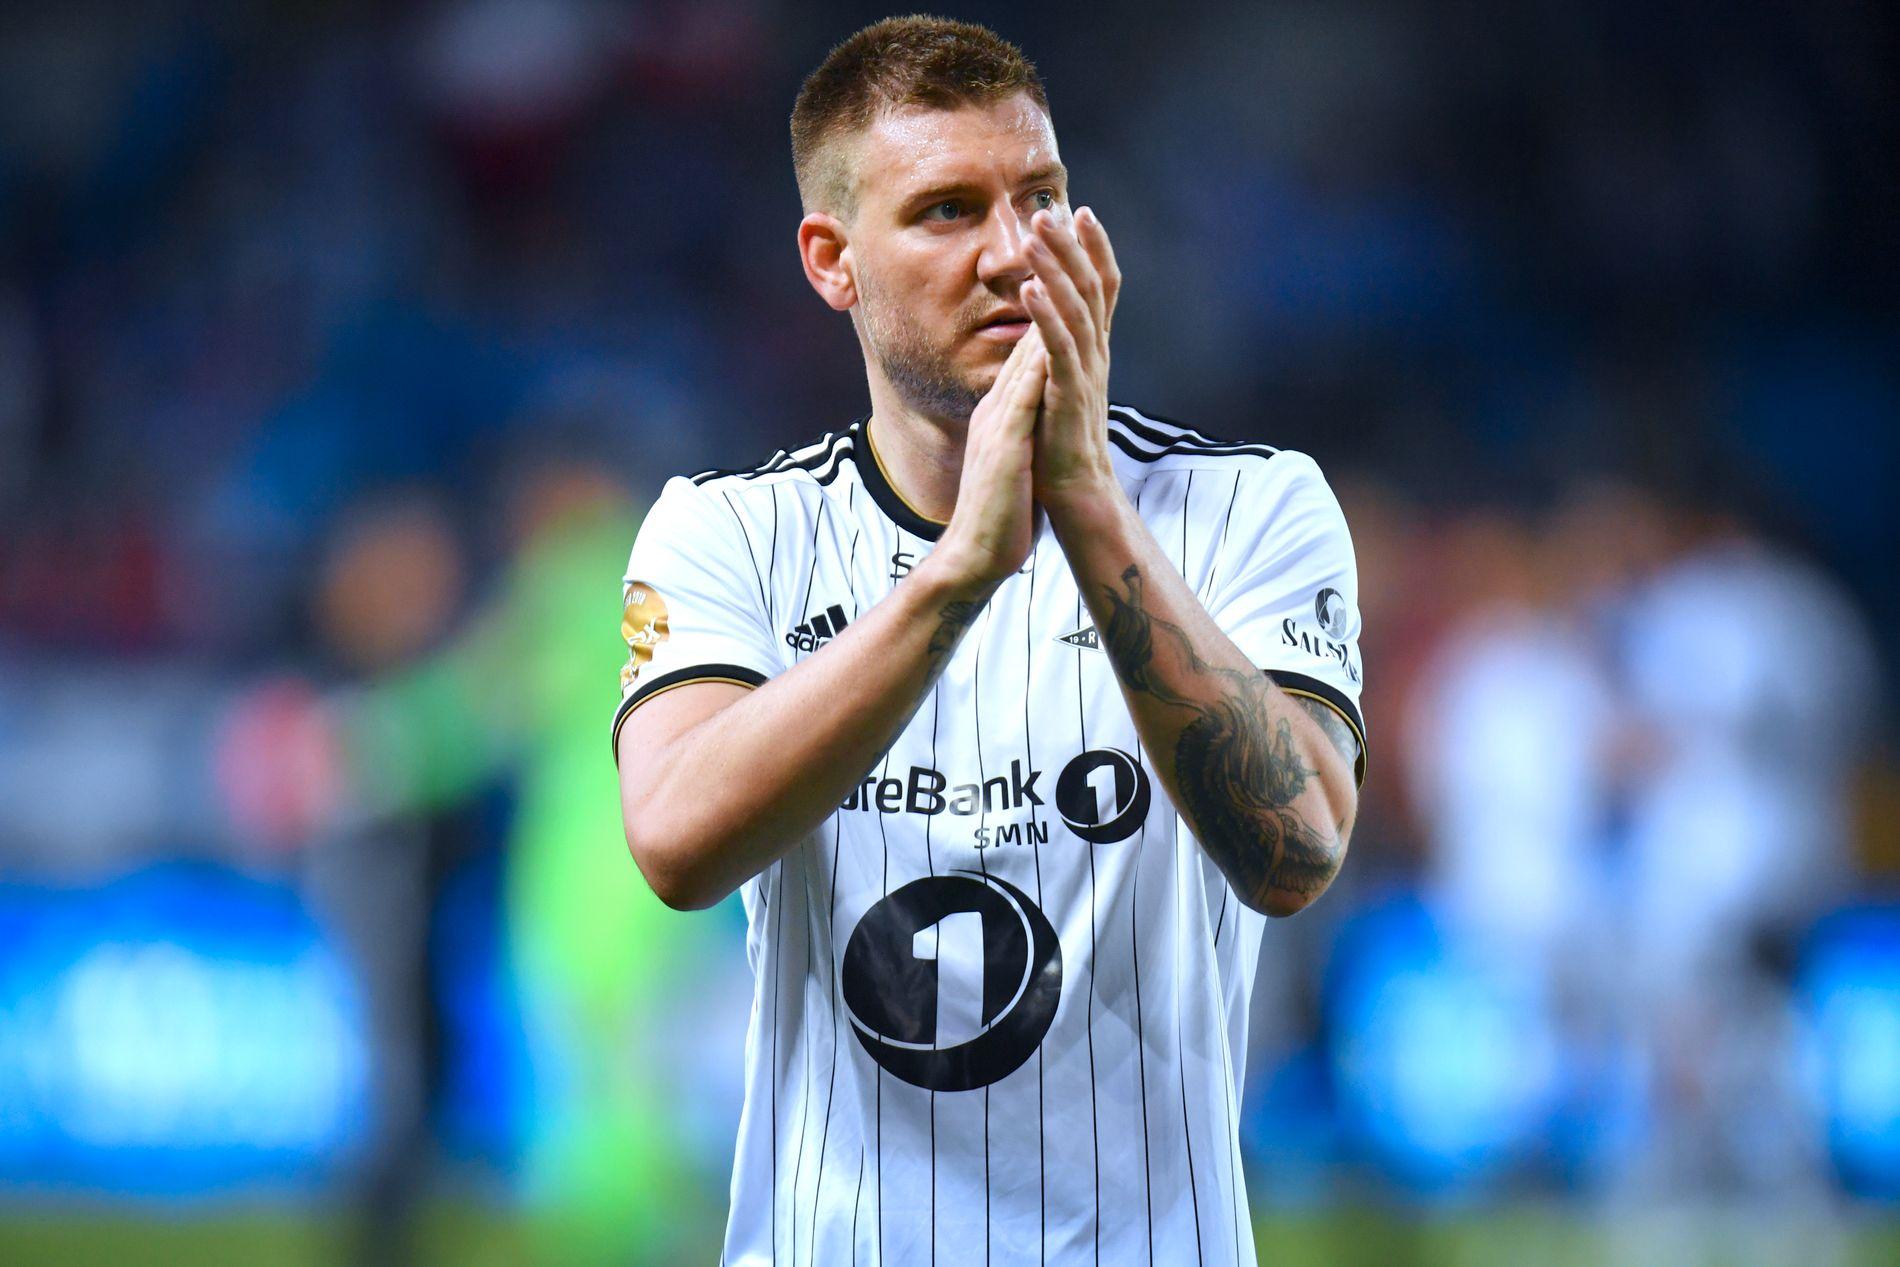 PROFIL: Nicklas Bendtner, Rosenborg-spiss, virker å være ute i kulden på Lerkendal. Her fra sist kamp han spilte – borte mot Molde 28. april.